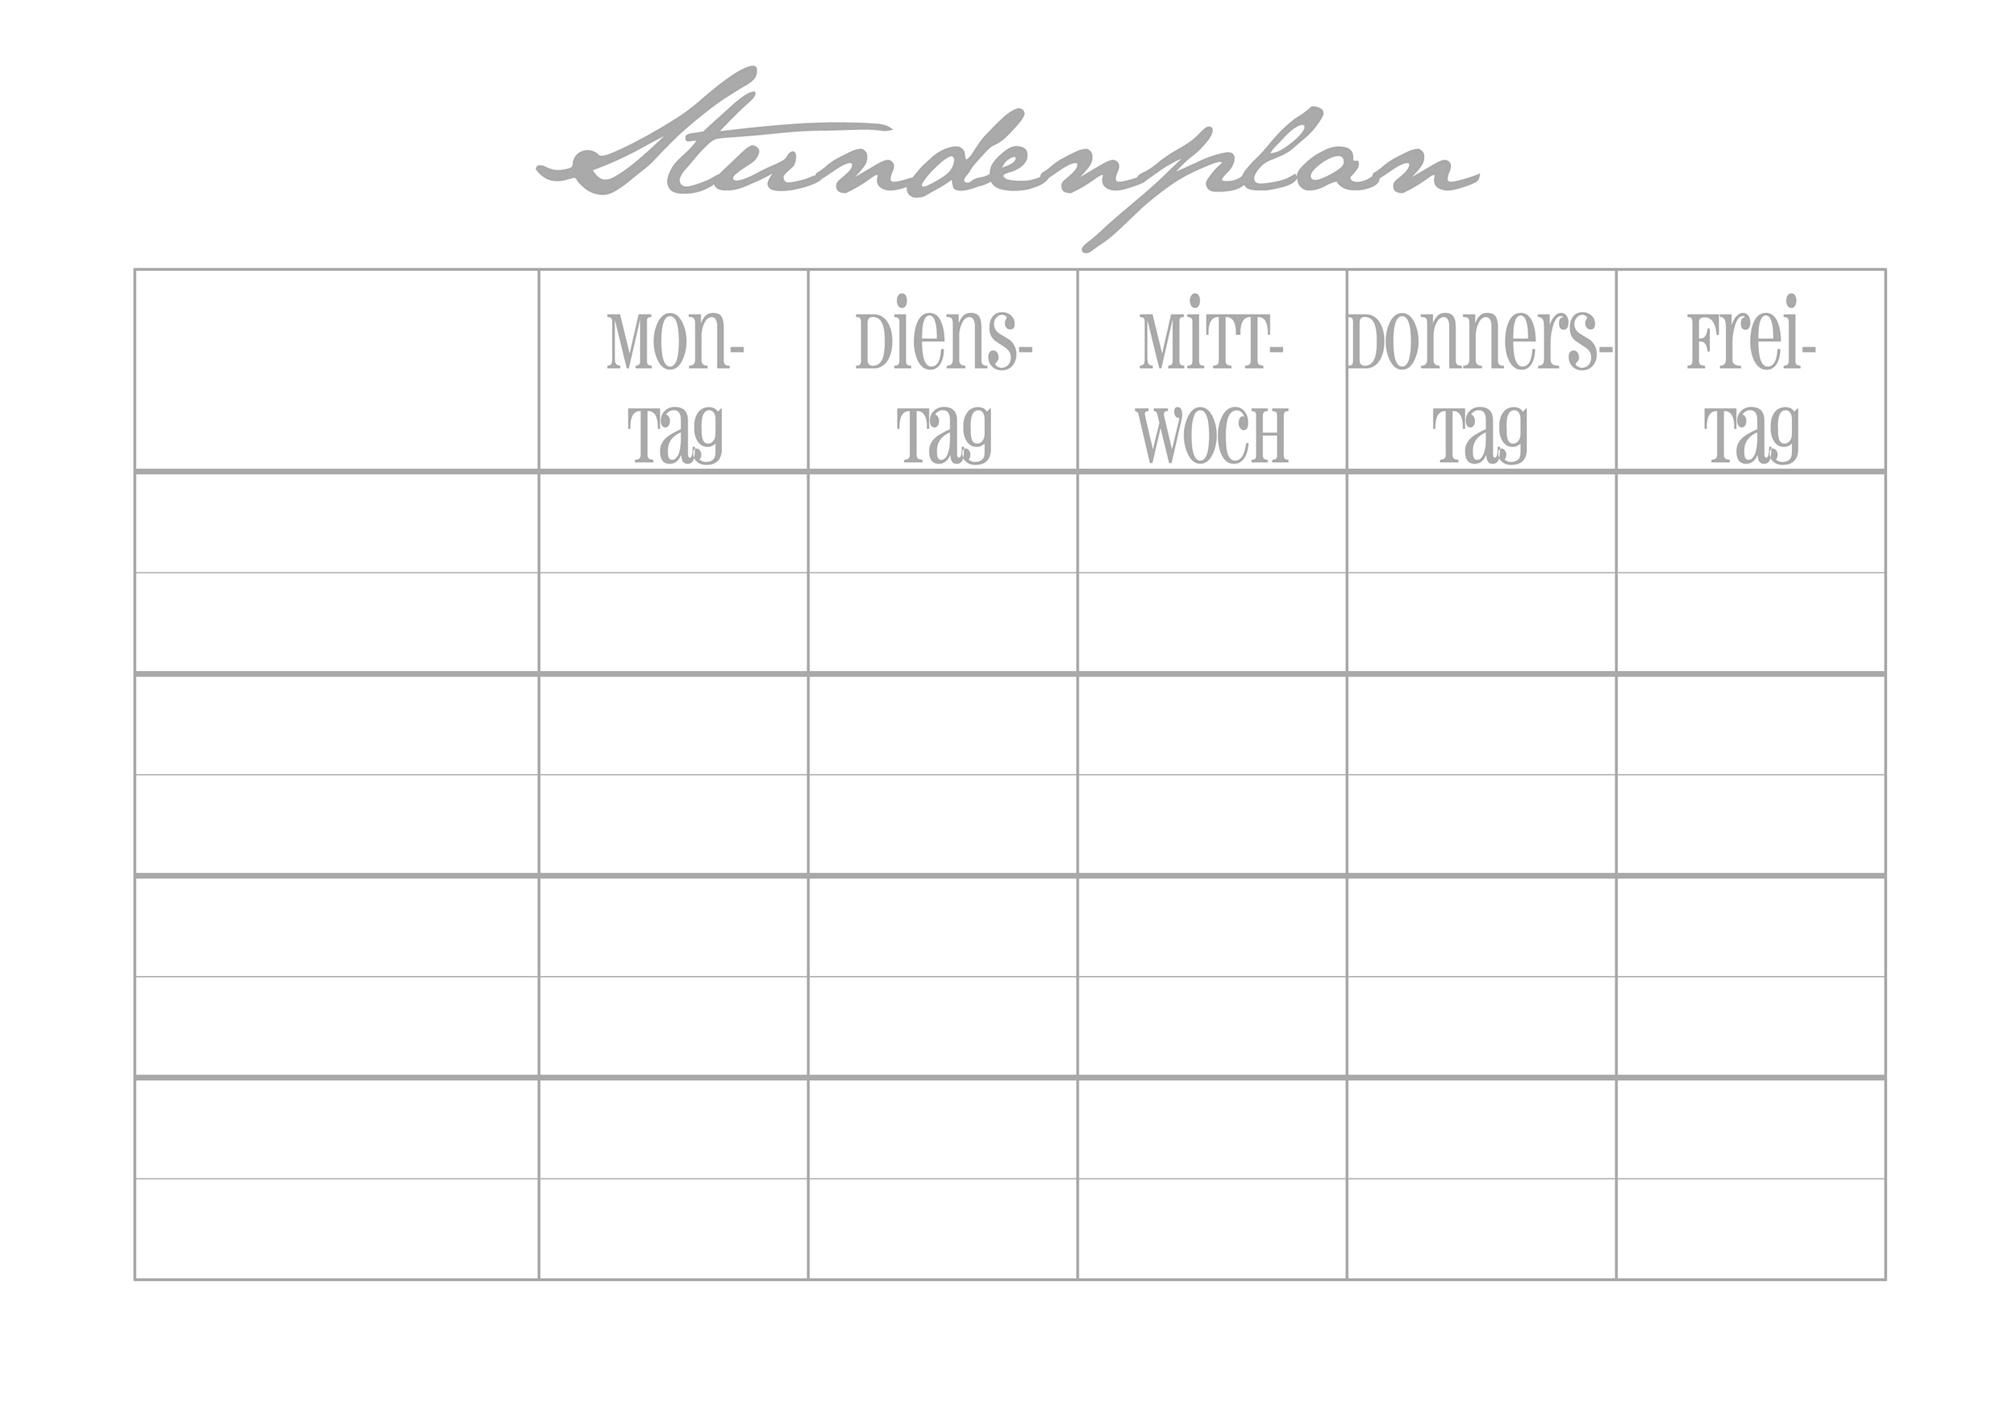 Ausgezeichnet Lehrer Stundenplan Vorlage Ideen - Entry Level Resume ...